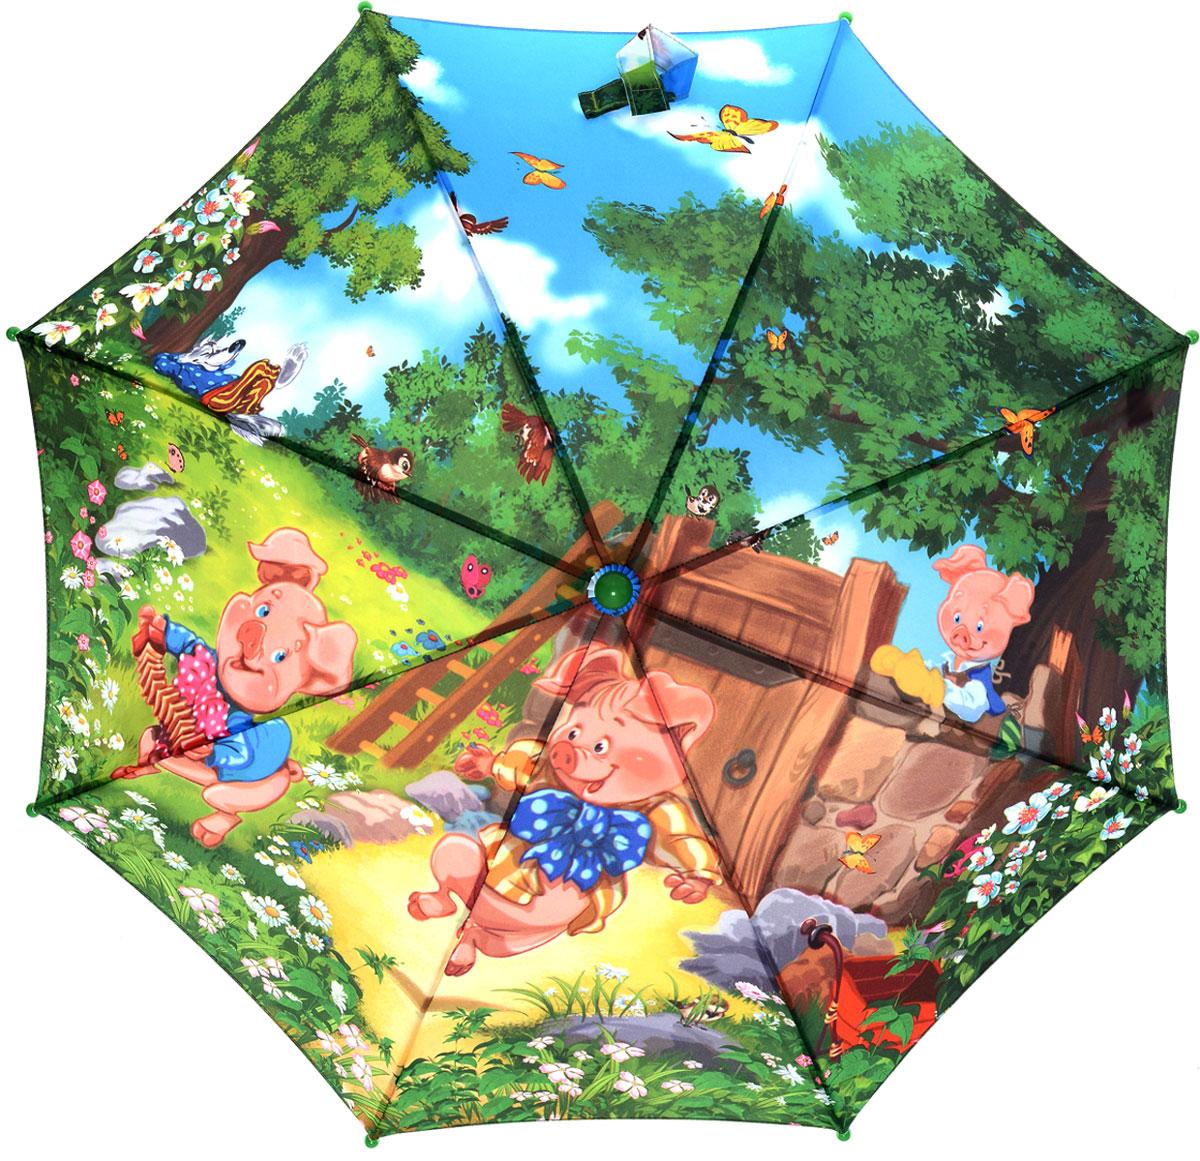 Зонт детский Zest, цвет: зеленый, розовый. 21665-05REM12-CAM-GREENBLACKКрасочный детский зонт ZEST сделан из стали и полиэстера, обработанного водоотталкивающей пропиткой. Зонт оформлен принтом с рисунками из известнейших сказок.Зонт оснащен полуавтоматическим механизмом. Пластиковая ручка соответствует требований эргономики. К зонту прилагается чехол.Детский зонт ZEST защитит от дождя и подарит улыбку вашему малышу.